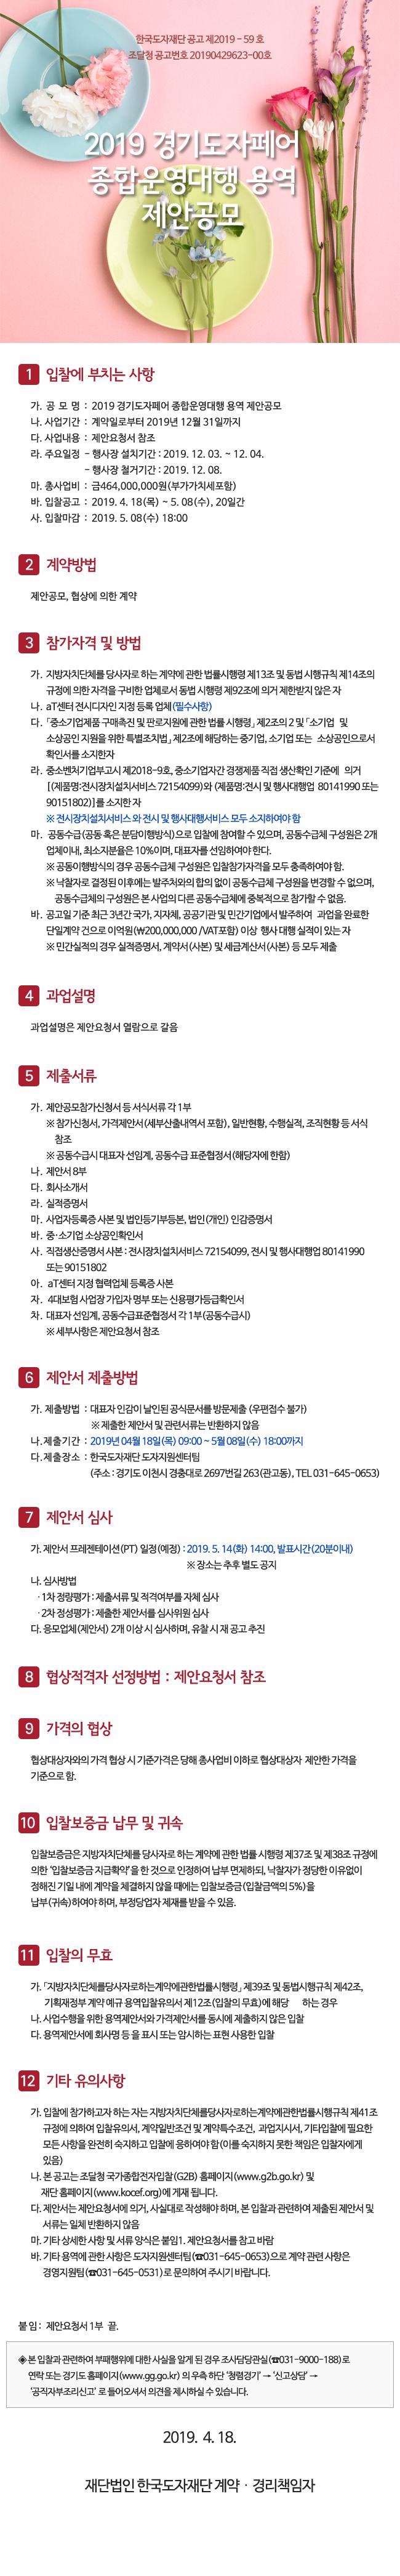 2019 경기도자페어 종합운영대행 용역 제안공모